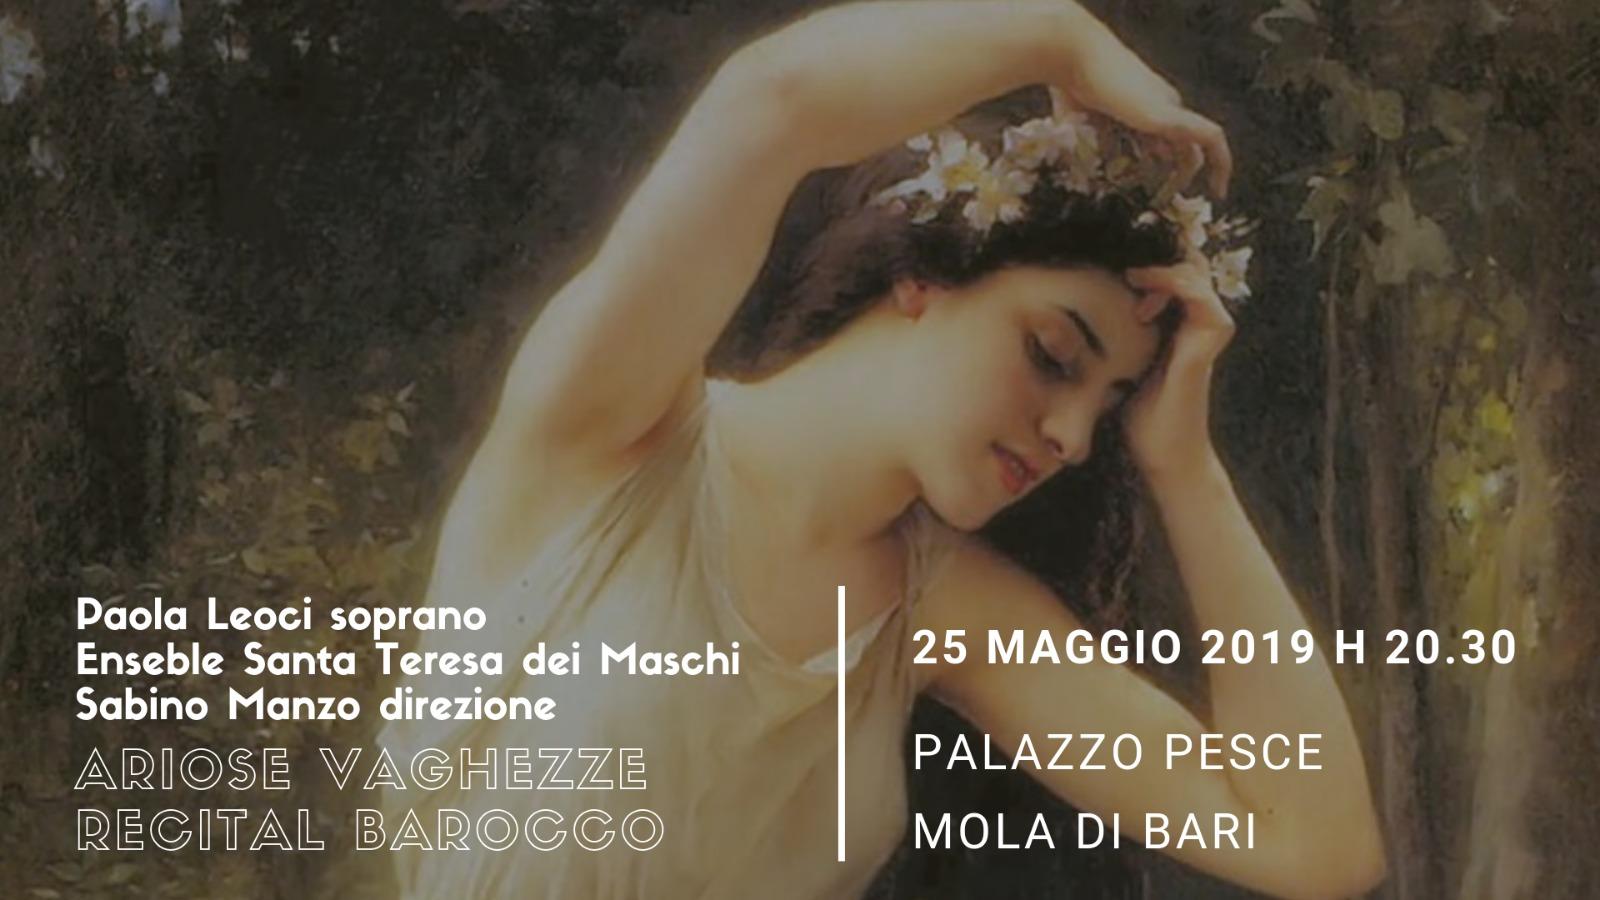 25 maggio 2019 Ariose vaghezze recital barocco a Palazzo Pesce